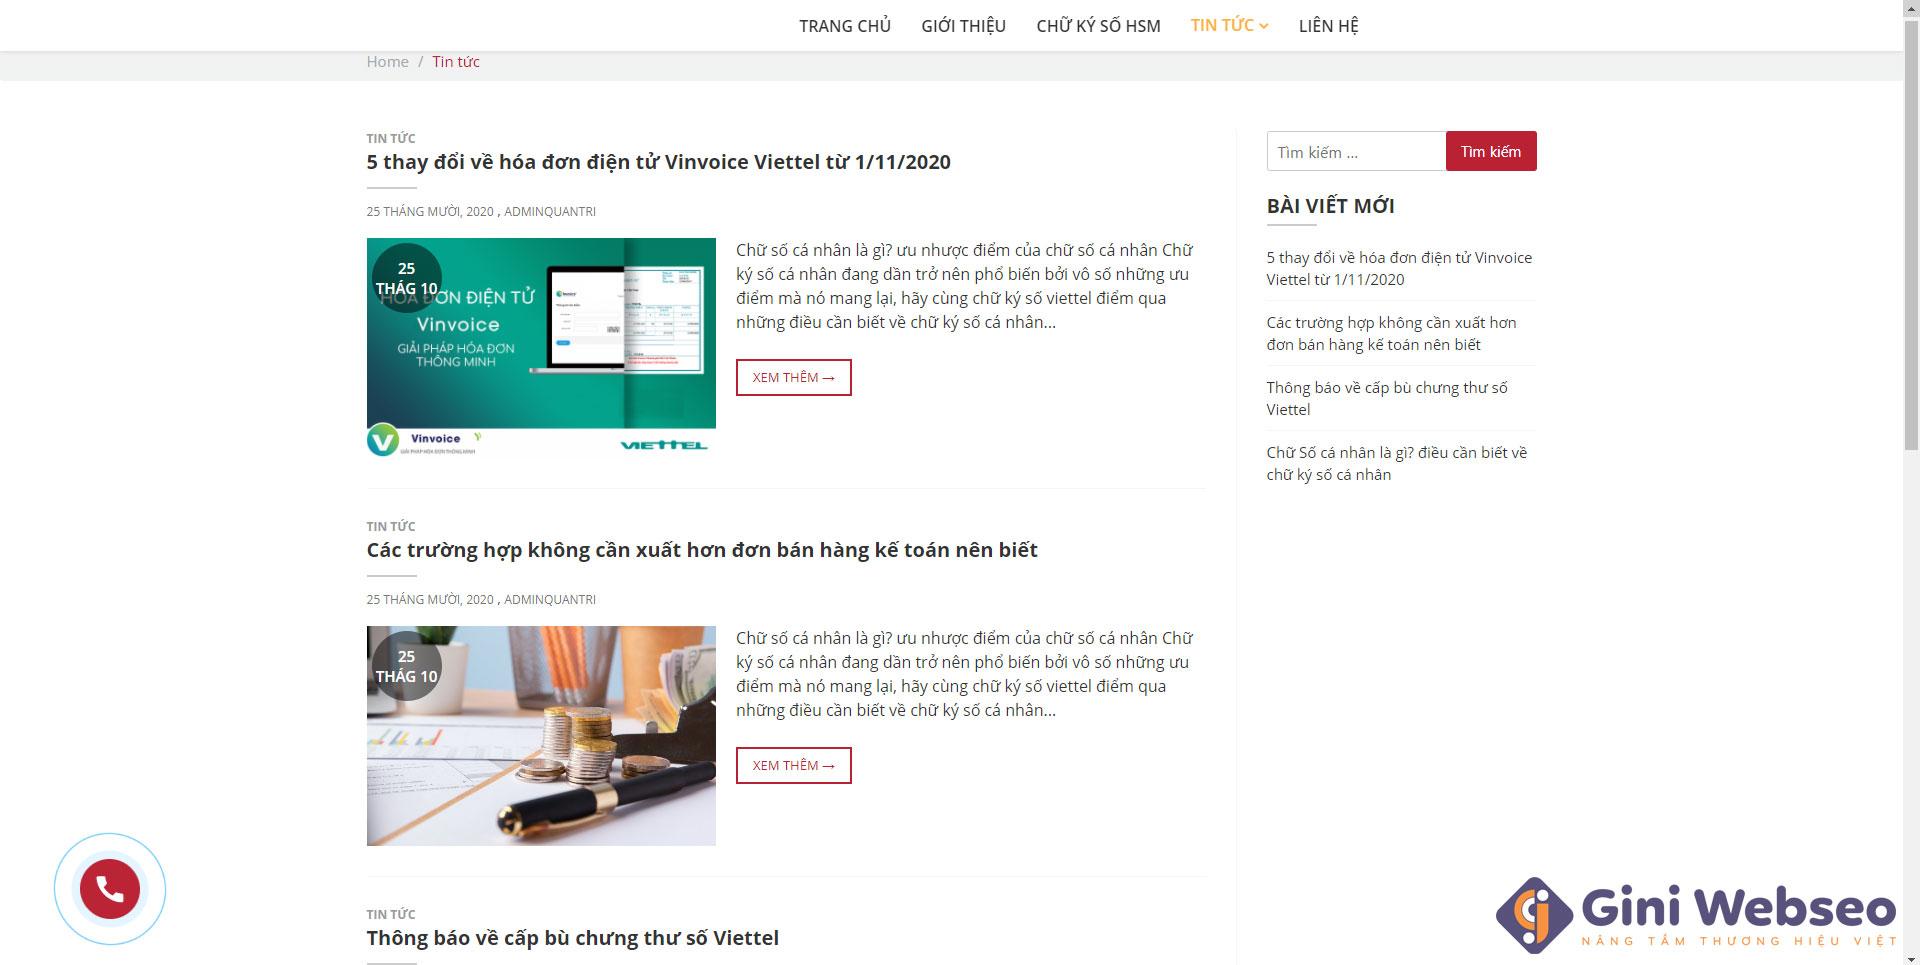 Thiết kế website hóa đơn điện tử IMC